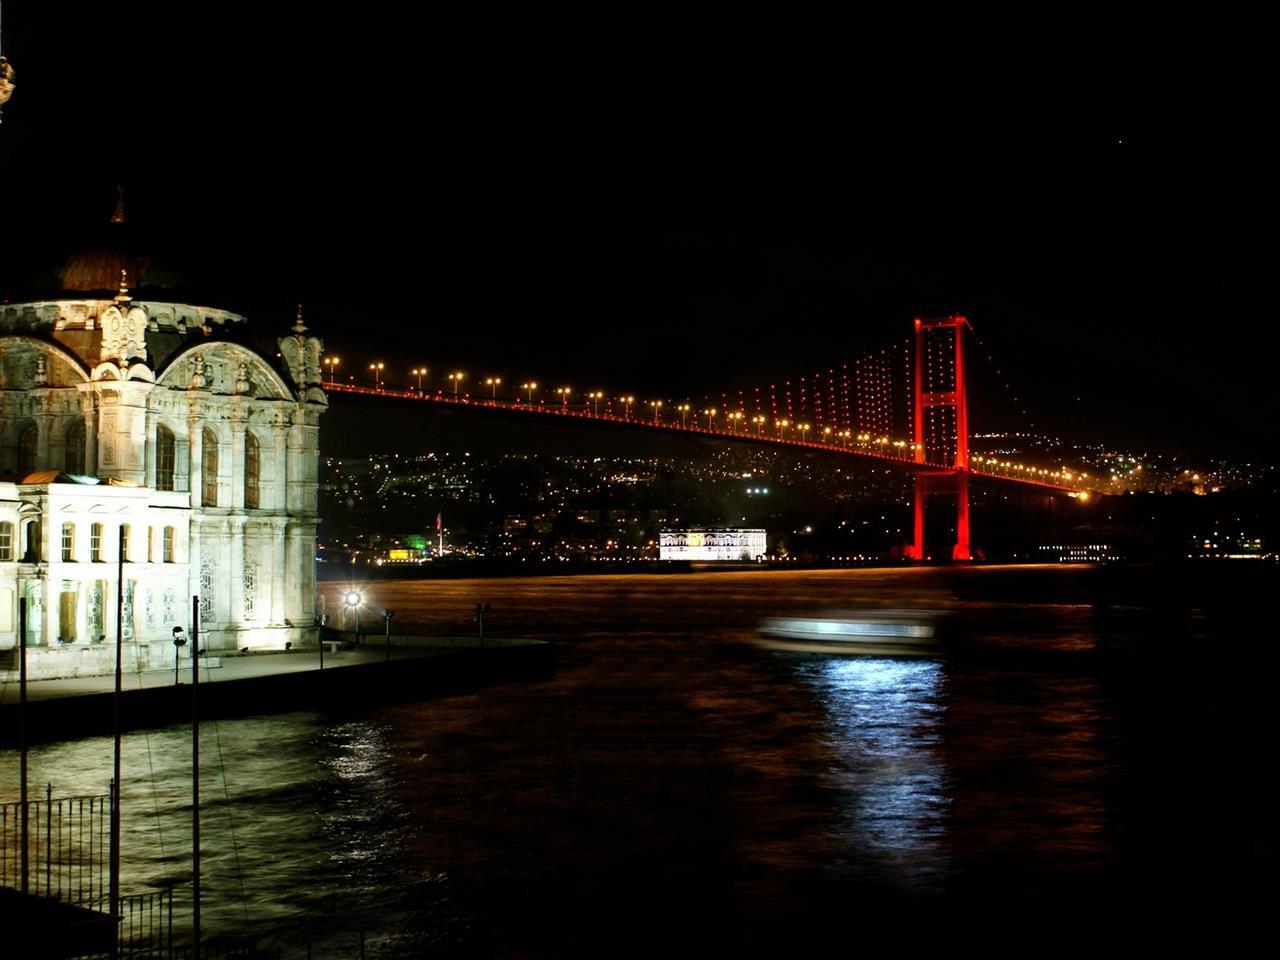 Bosphorus Bridge Istanbul - Images n Detail - XciteFun.net